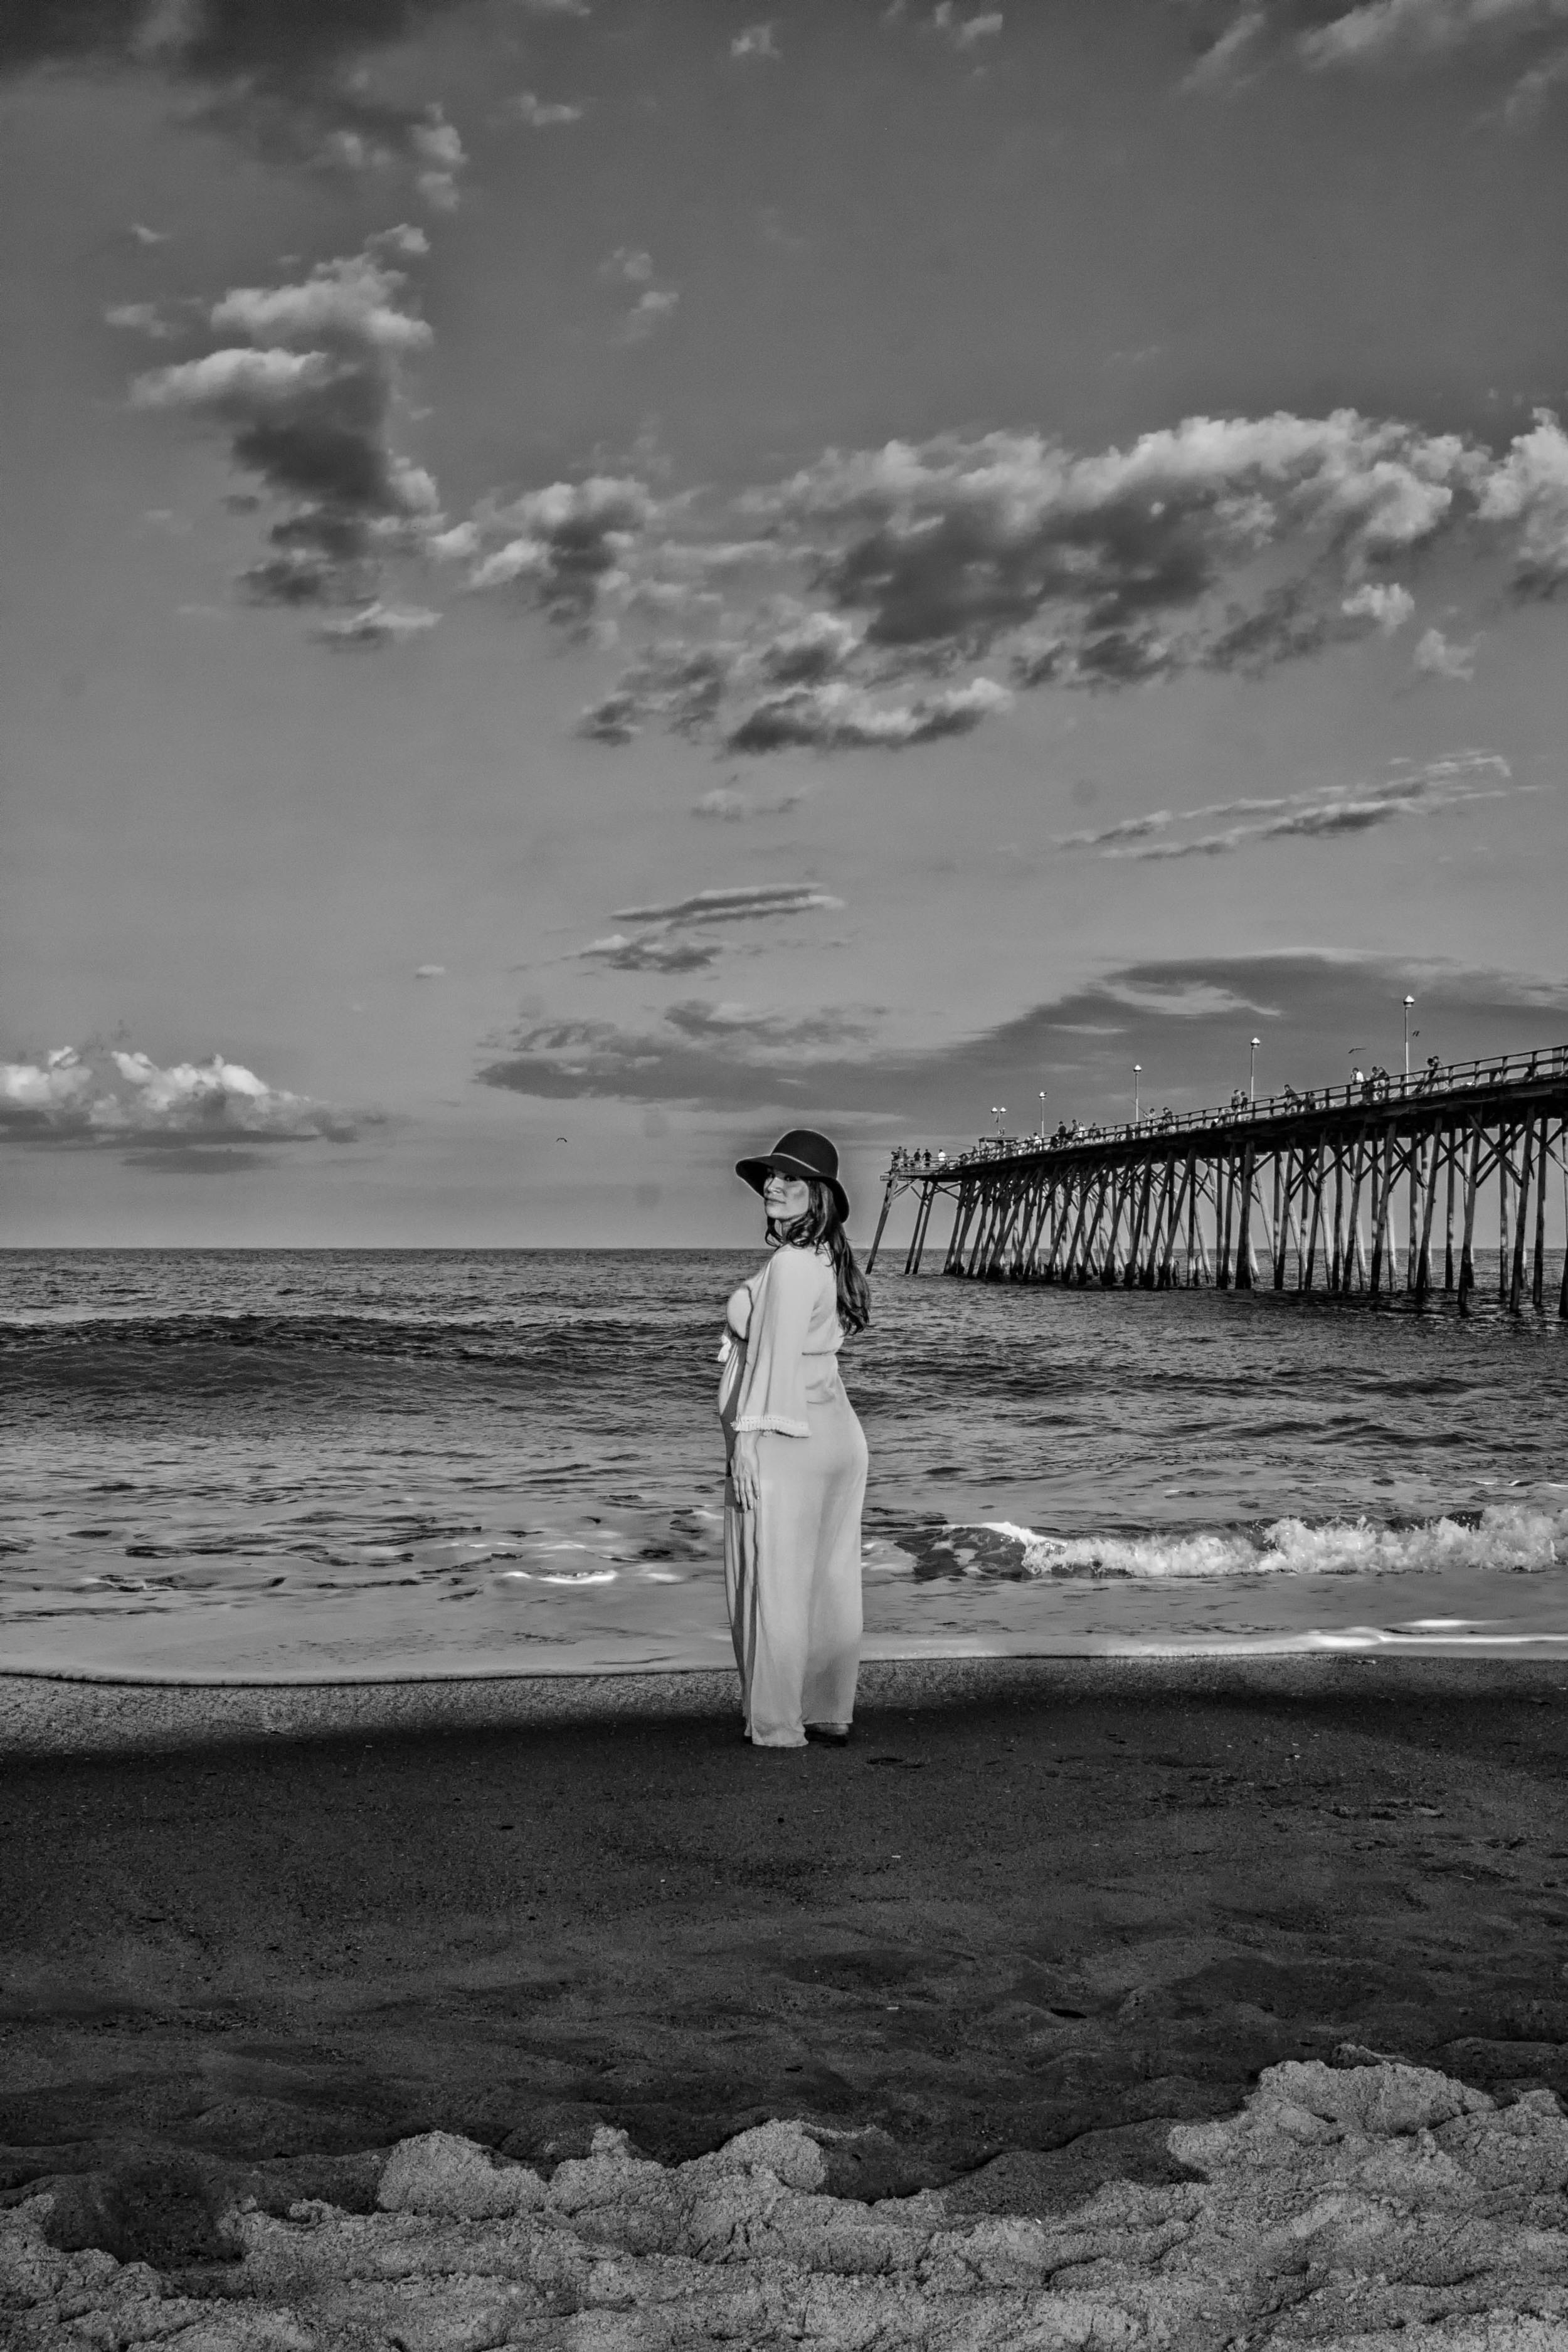 Kure_Beach_Maternity_Shoot_Tiffany_Abruzzo_Photography_46.jpg